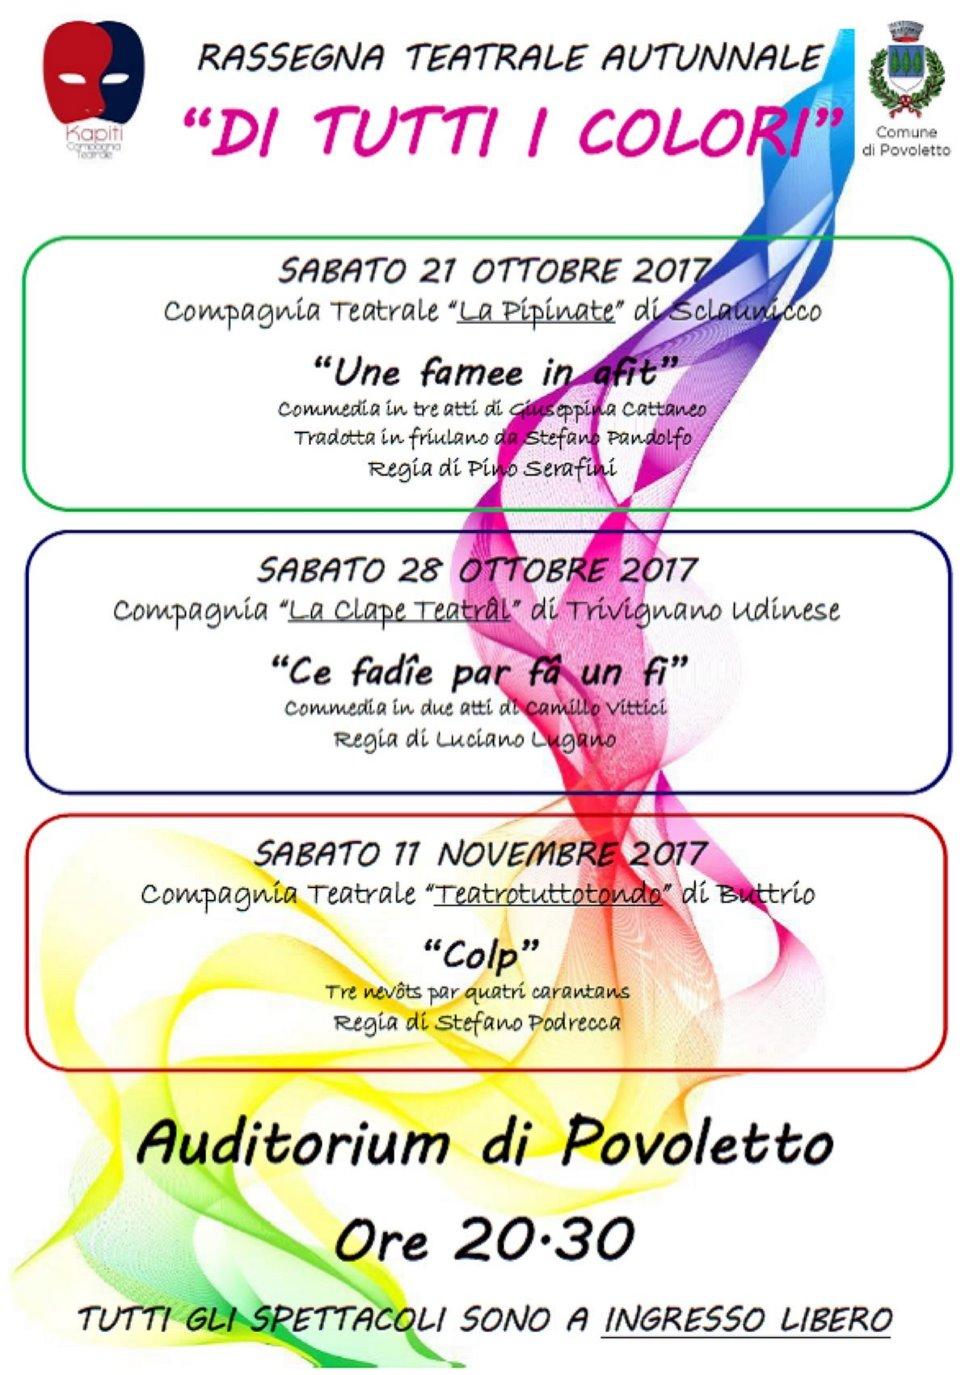 """Rassegna teatrale autunnale """"Di tutti i colori"""" Auditorium di Povoletto"""